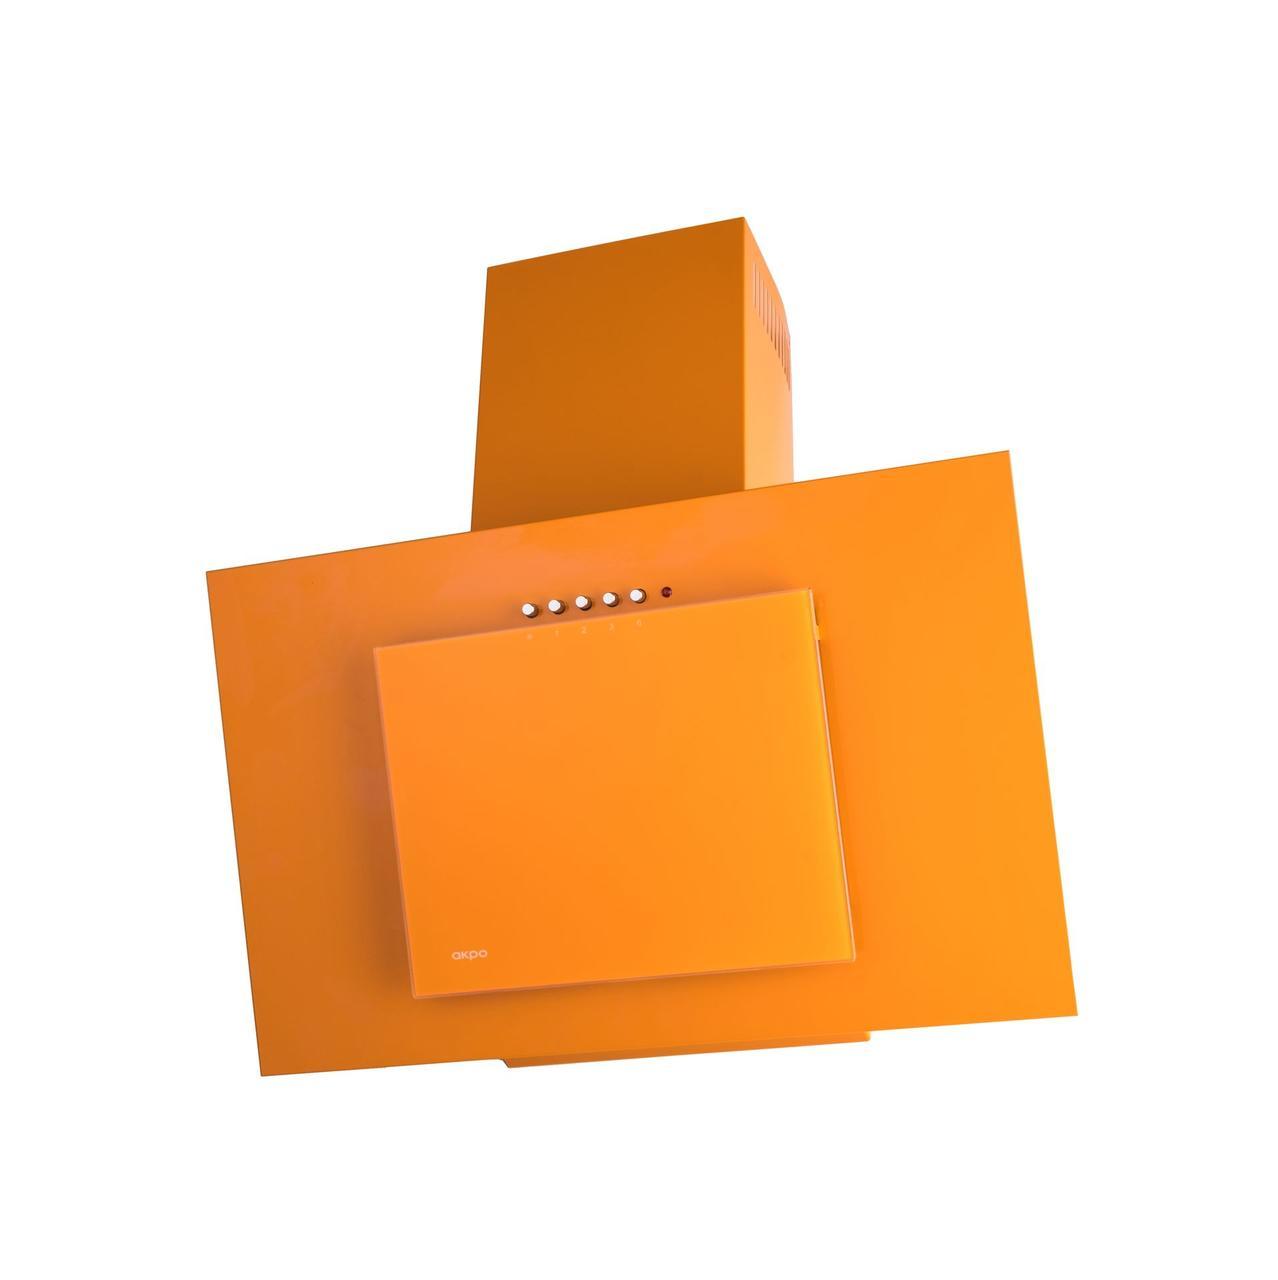 Воздухоочиститель WK-4 Неро эко 60 см оранжеый